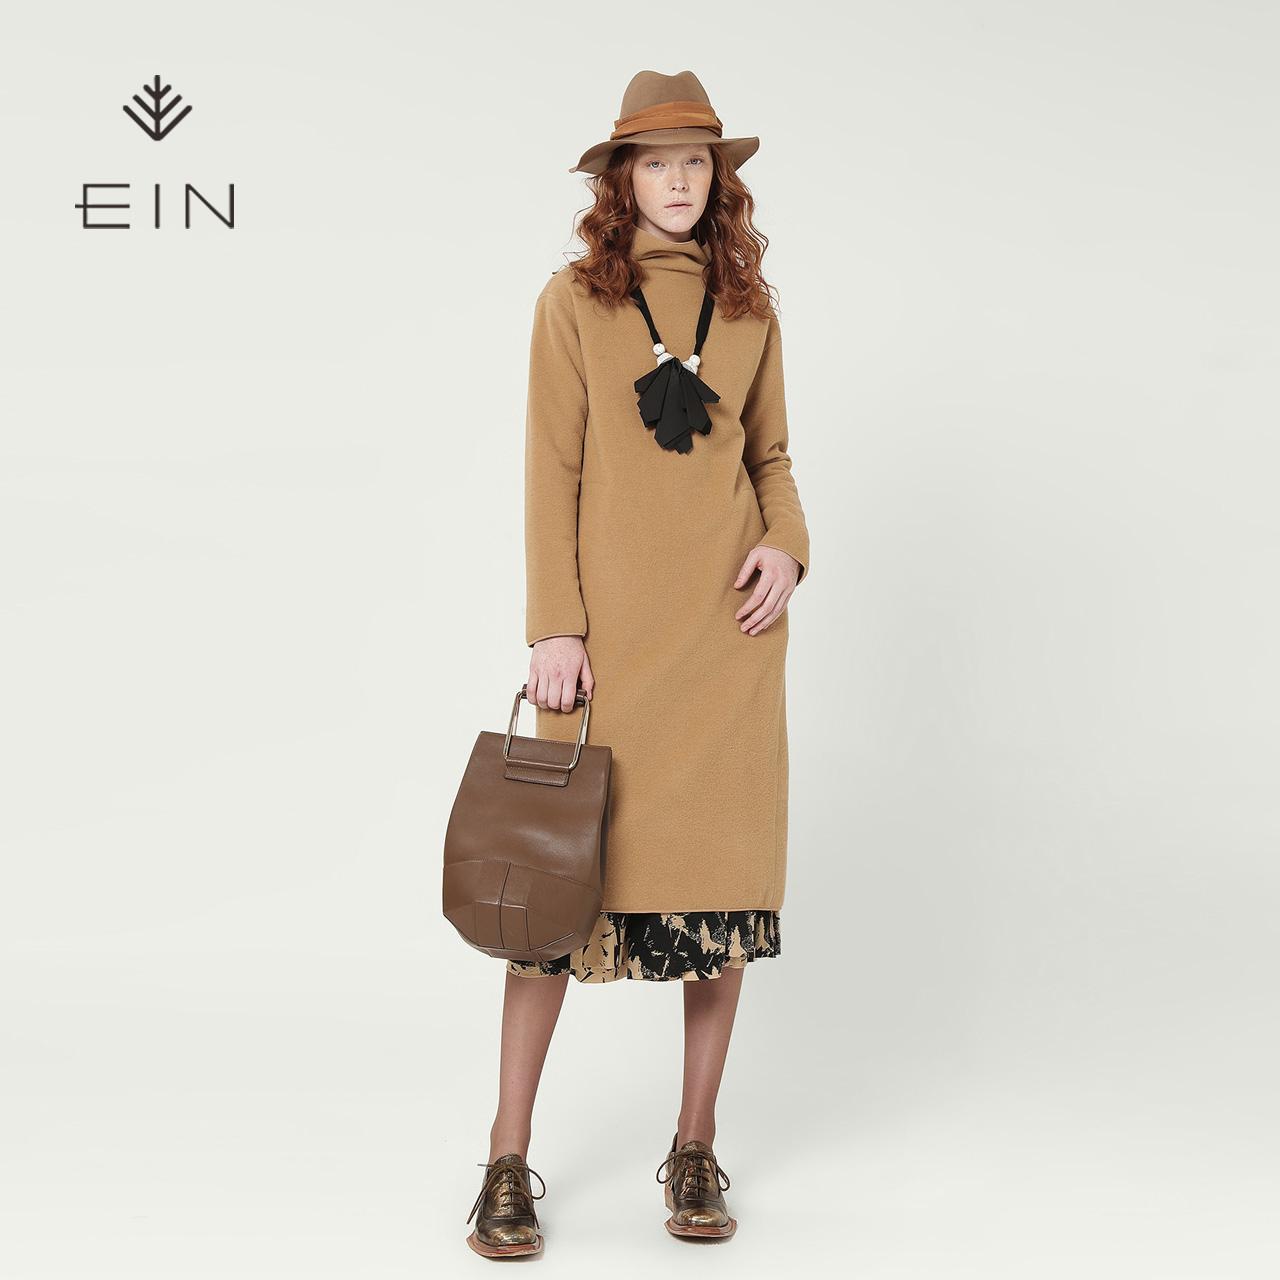 EIN-言羊毛纯色高领连衣裙套头中长款裙子复古文艺风2018秋冬新款